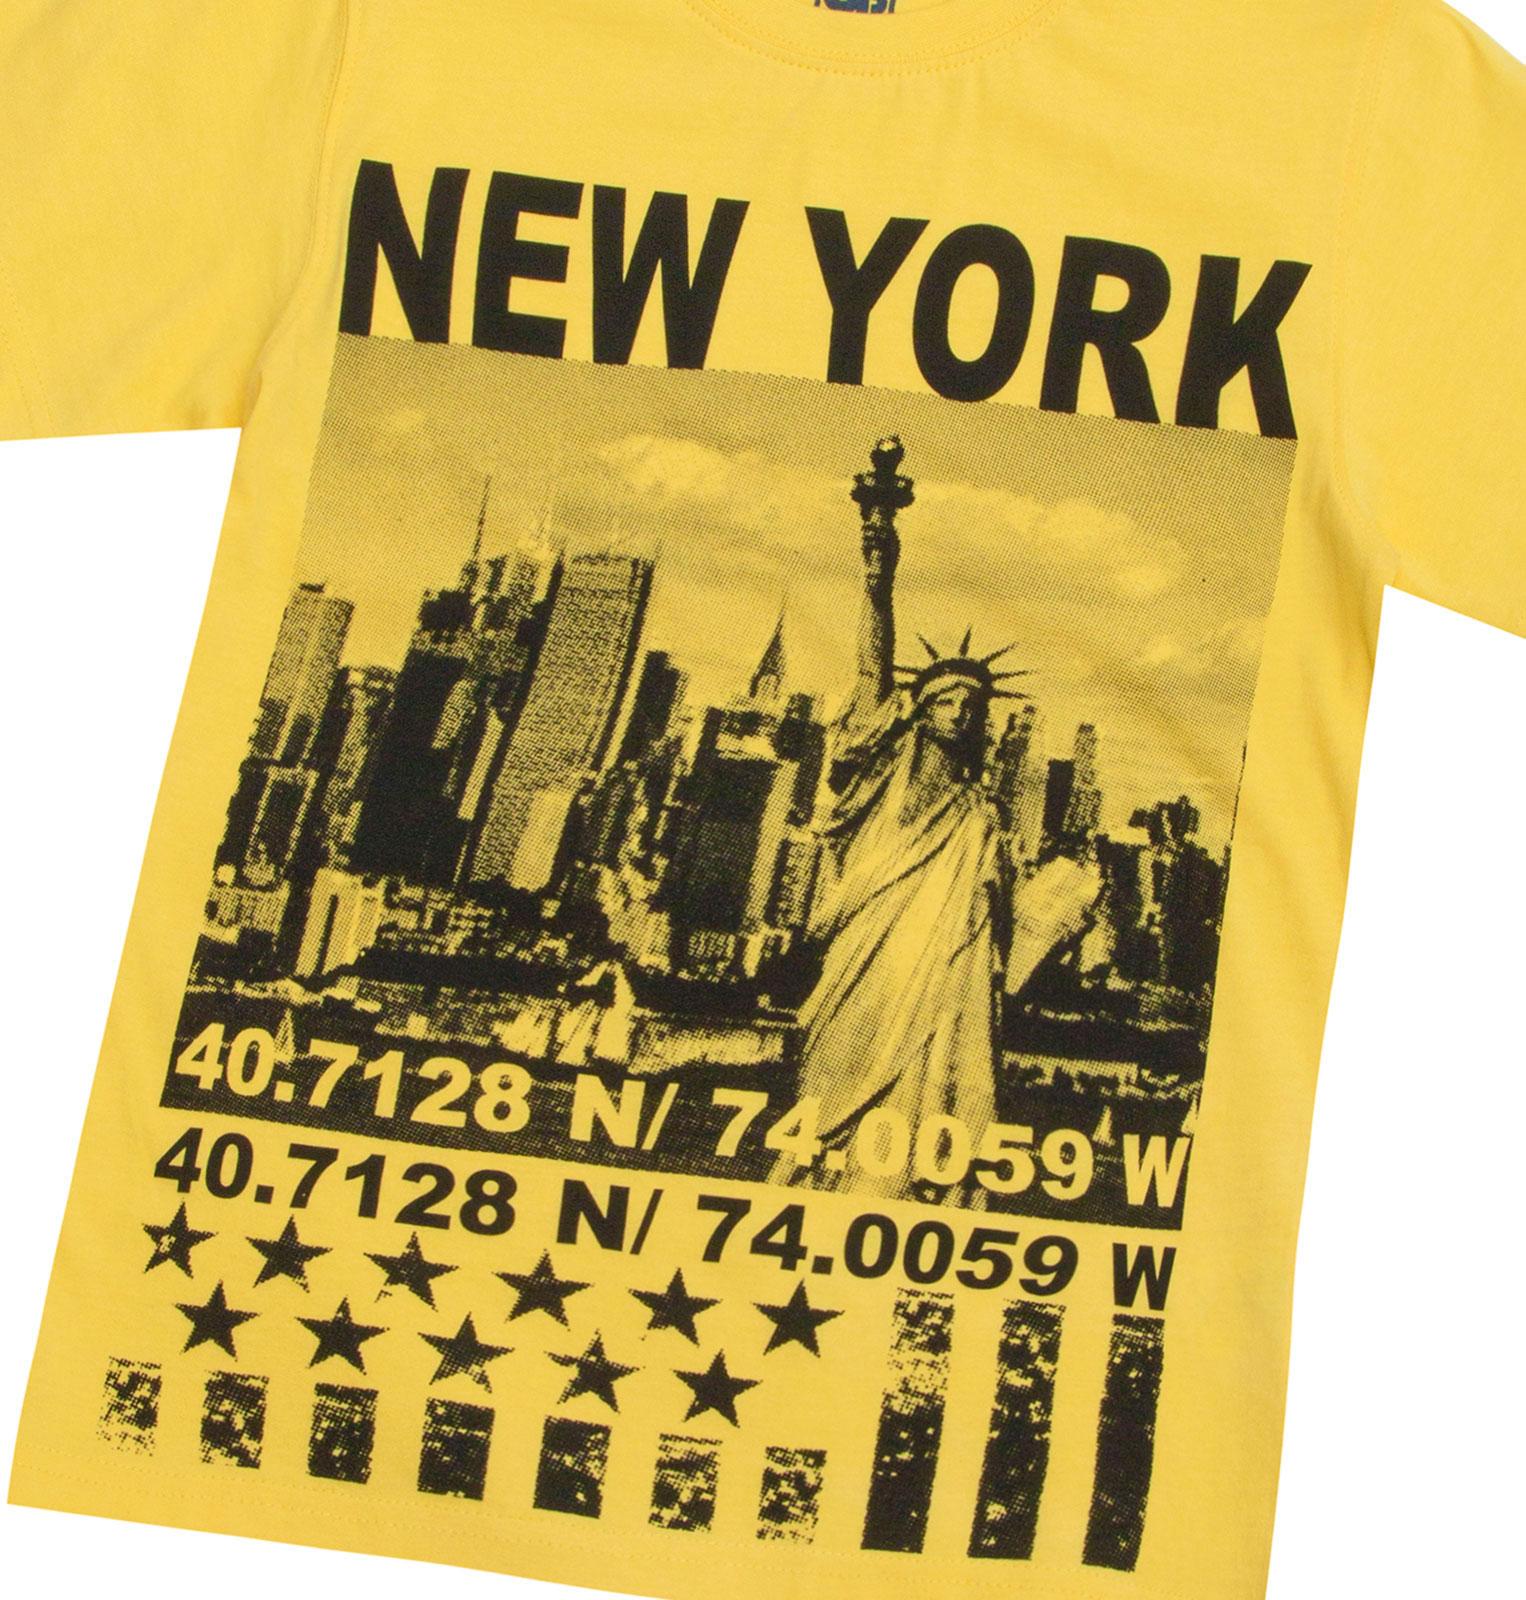 Garcons-Neuf-en-coton-T-shirt-a-encolure-ras-du-cou-d-039-ete-Enfant-Top-2-3-4-5-6-7-8-9-10-11-12-13 miniature 20